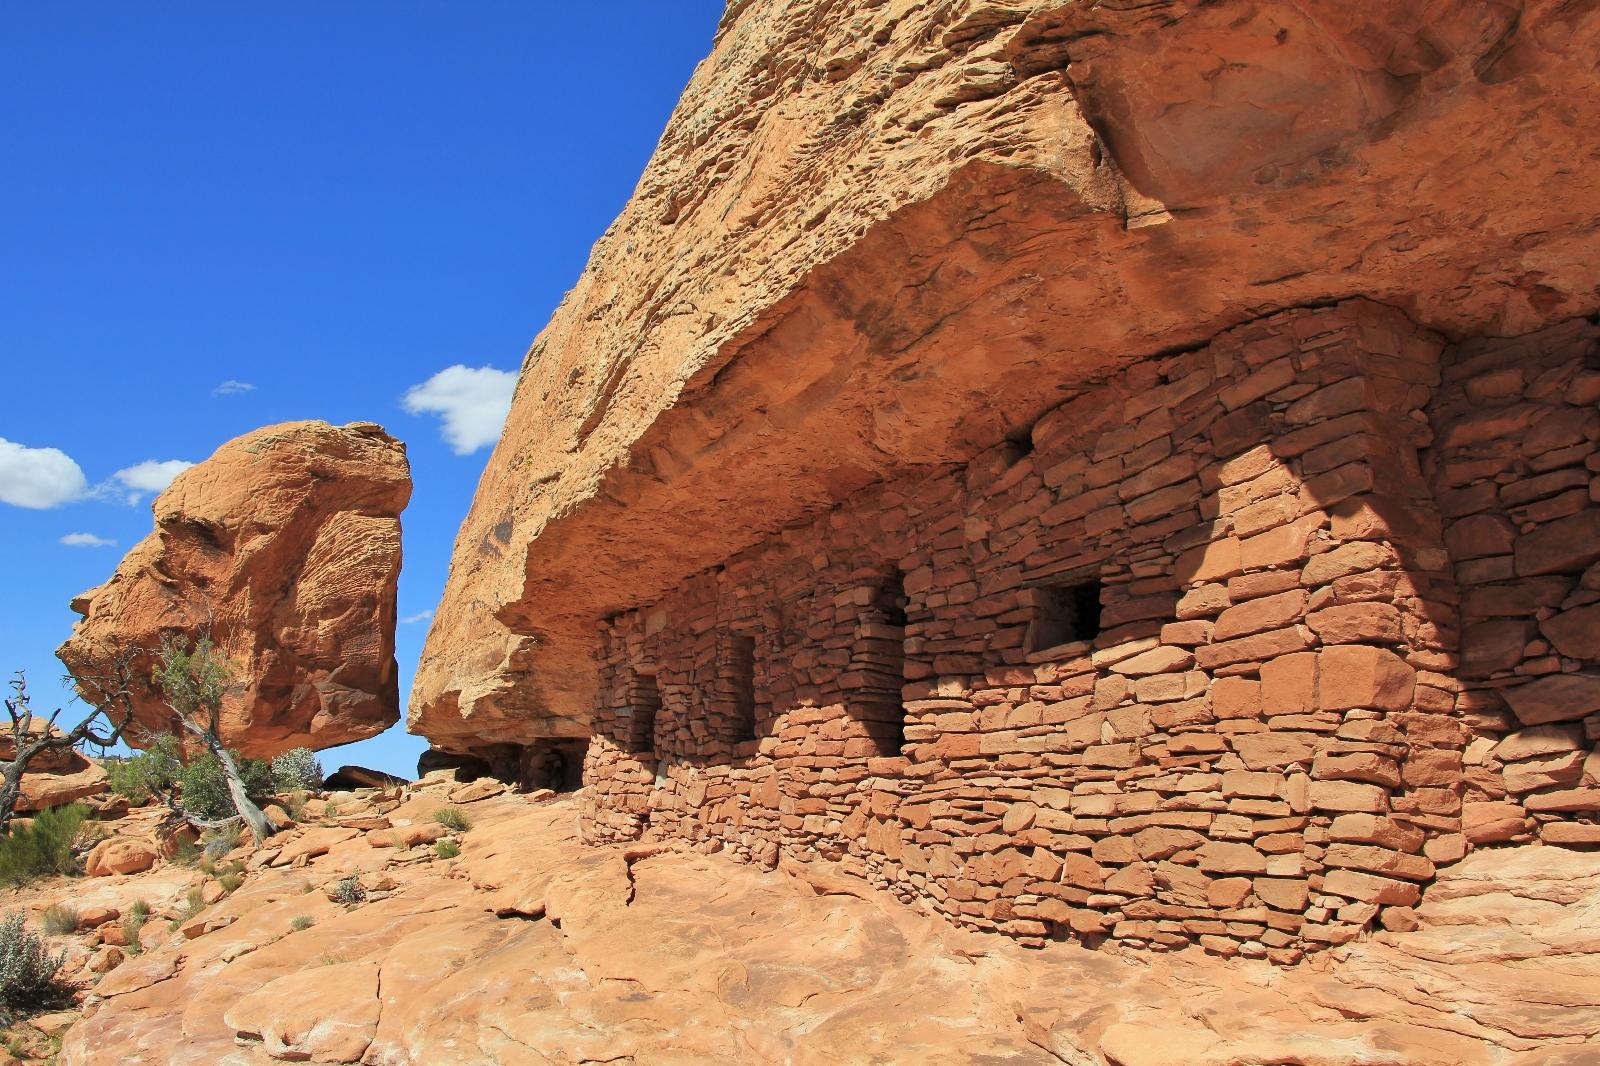 10-08-13 Fallen Ceiling and Citadel (68)